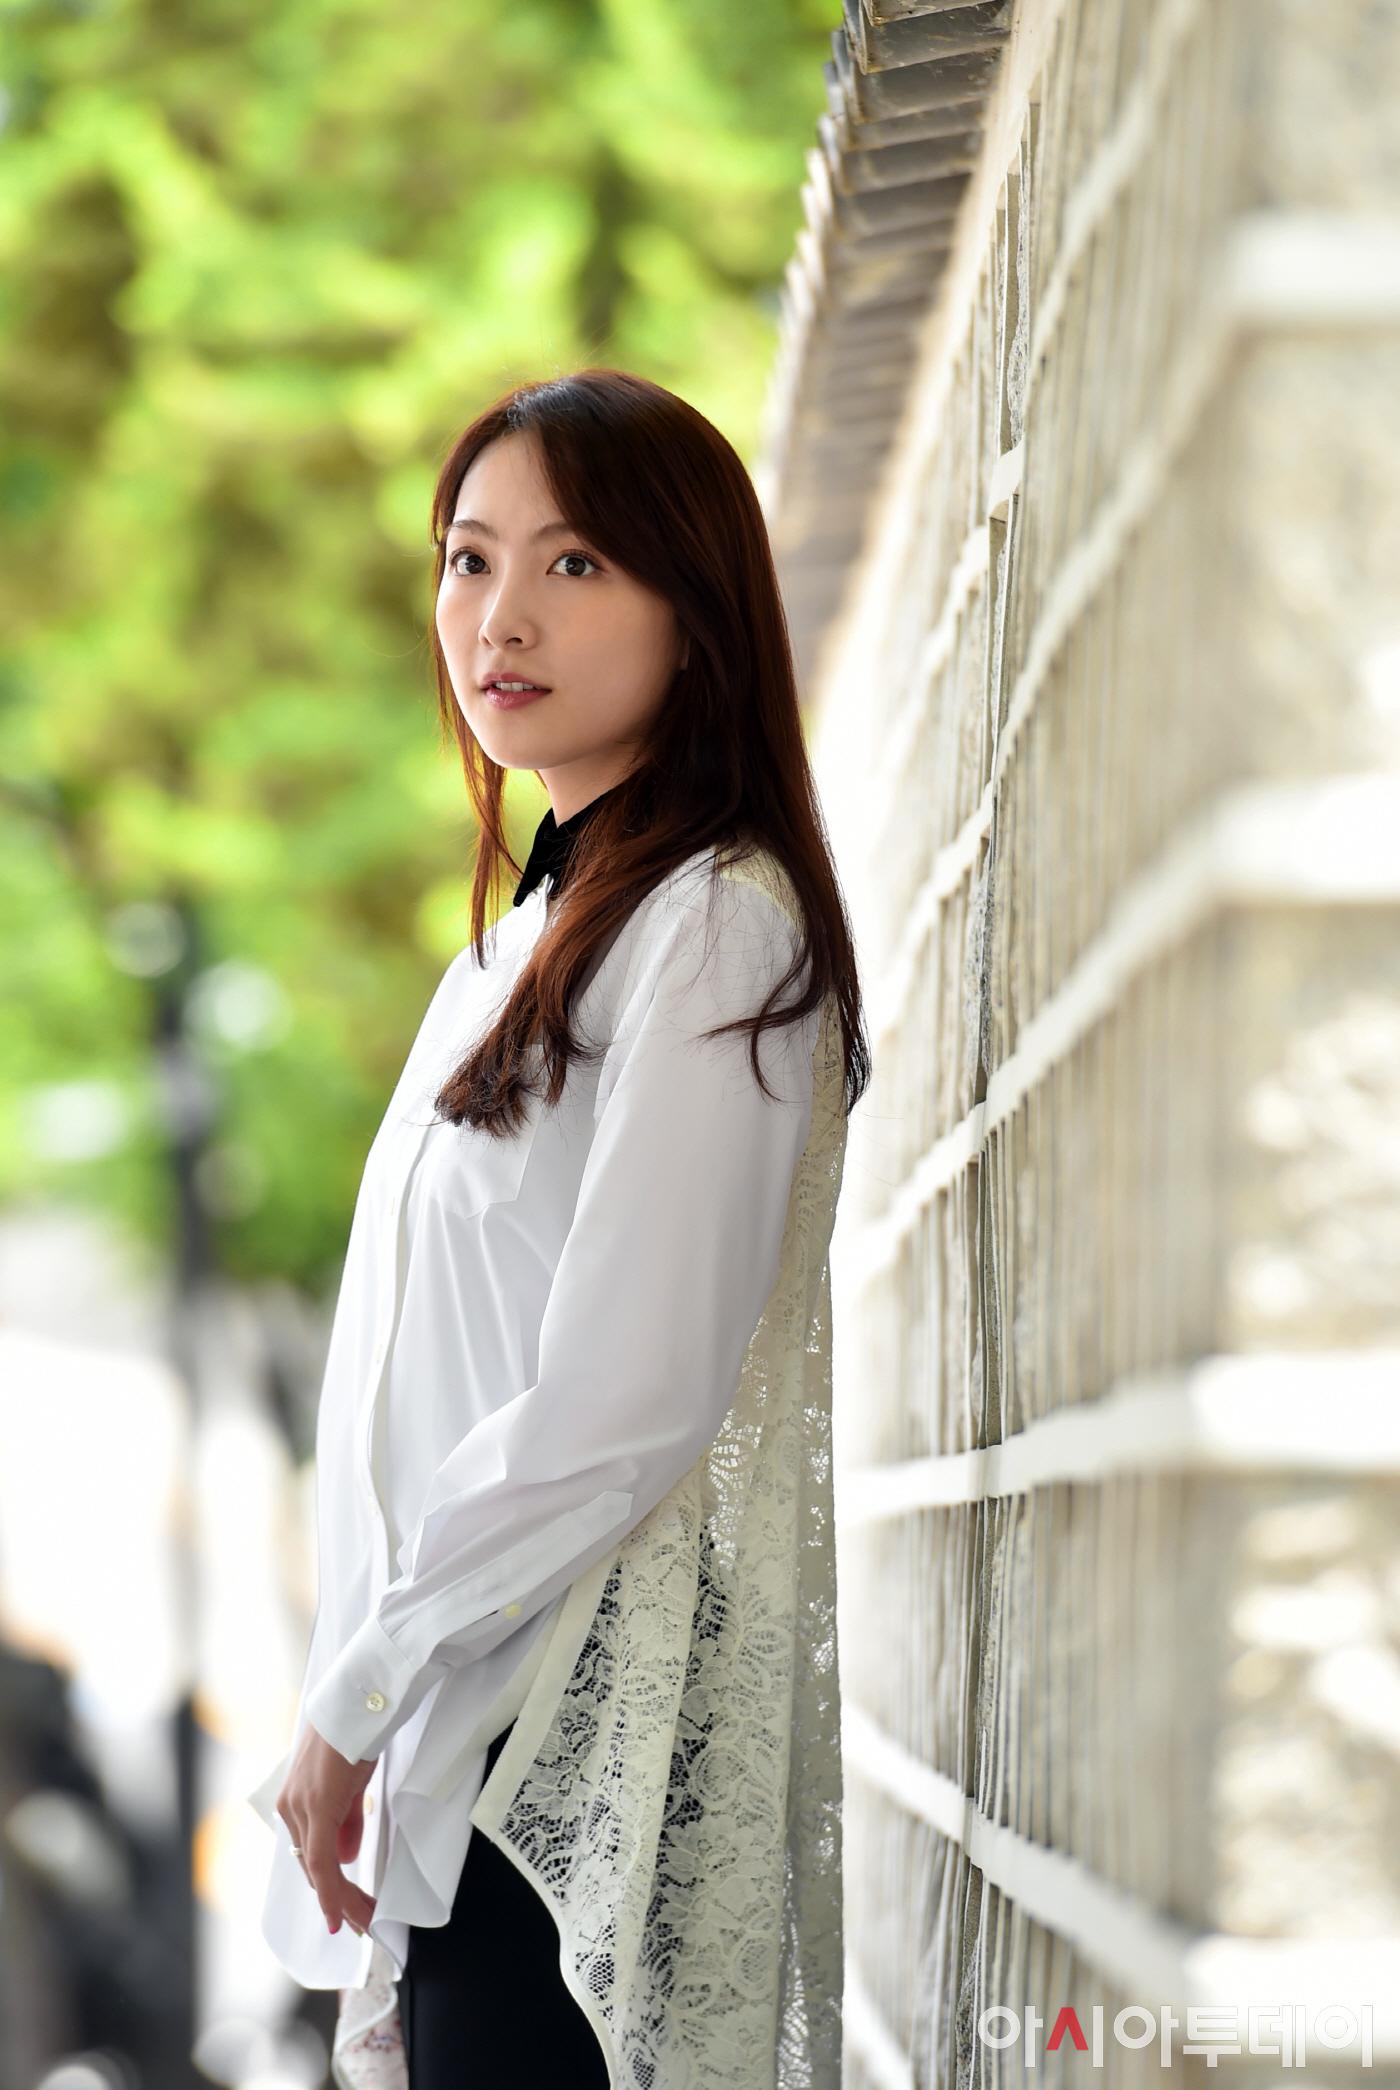 [포토] 강지영, 같이 야식 먹고 싶은 그녀!